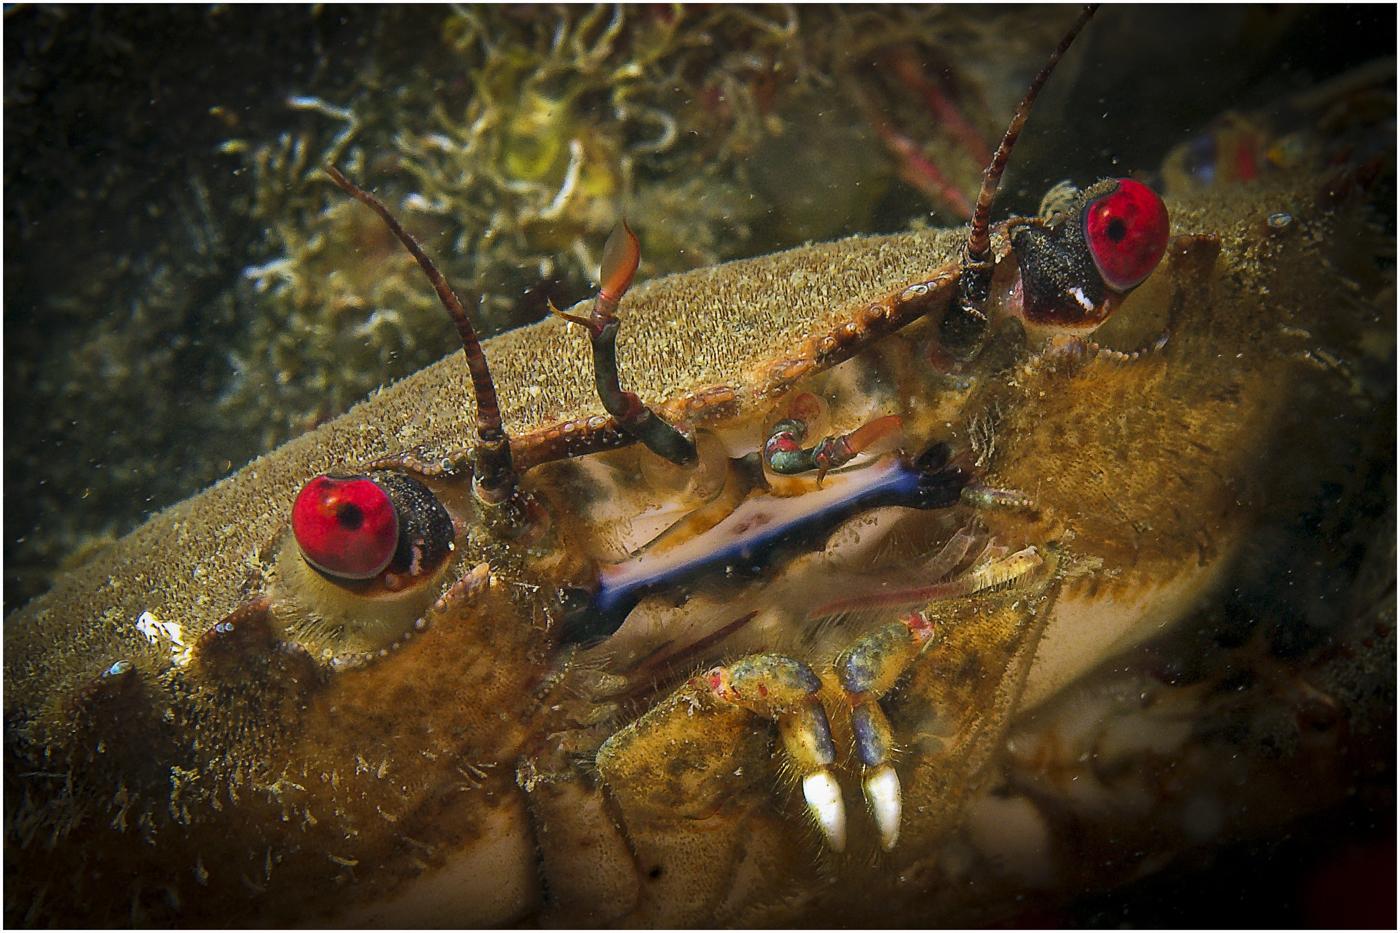 108 Necora puber - Velvet swimming crab.jpg